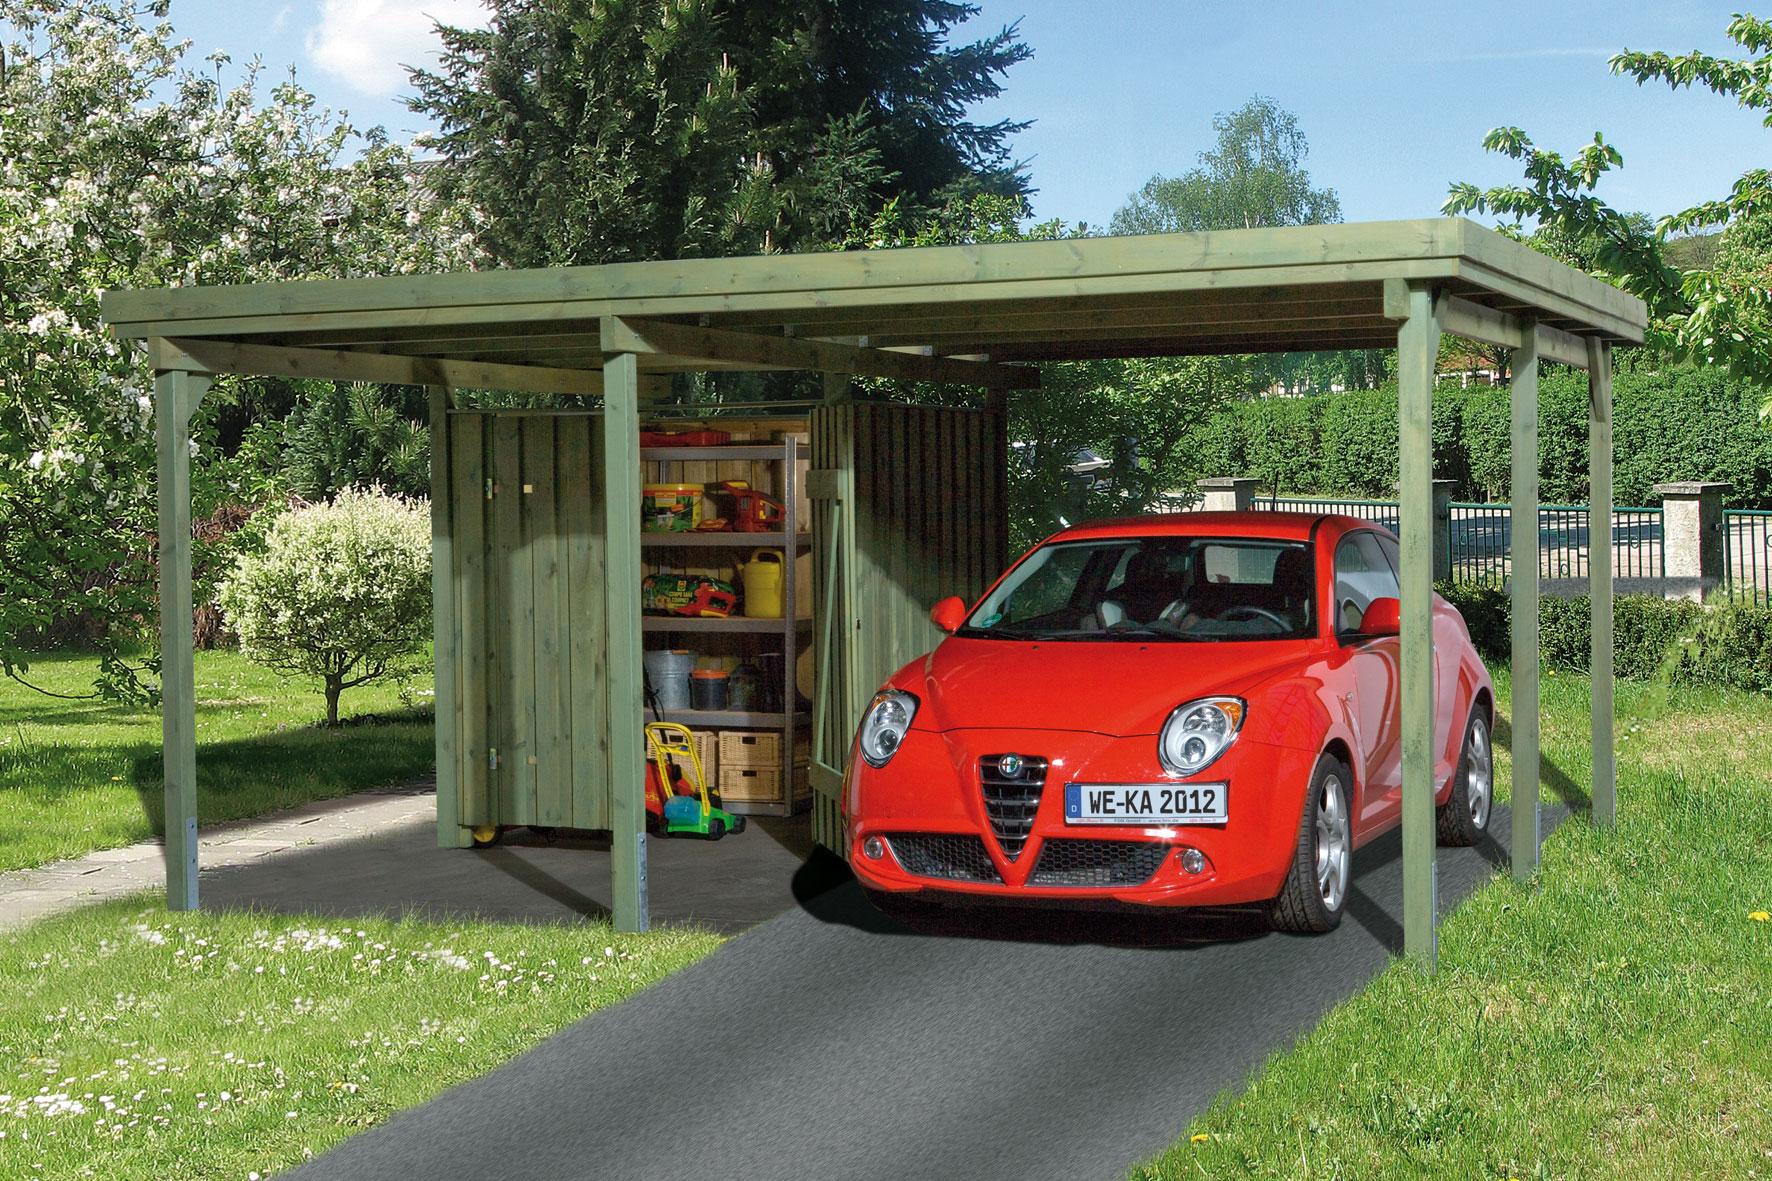 Carport Weka Carport 607 Gr.1 mit Geräteraum kdi 512x416cm Bild 1